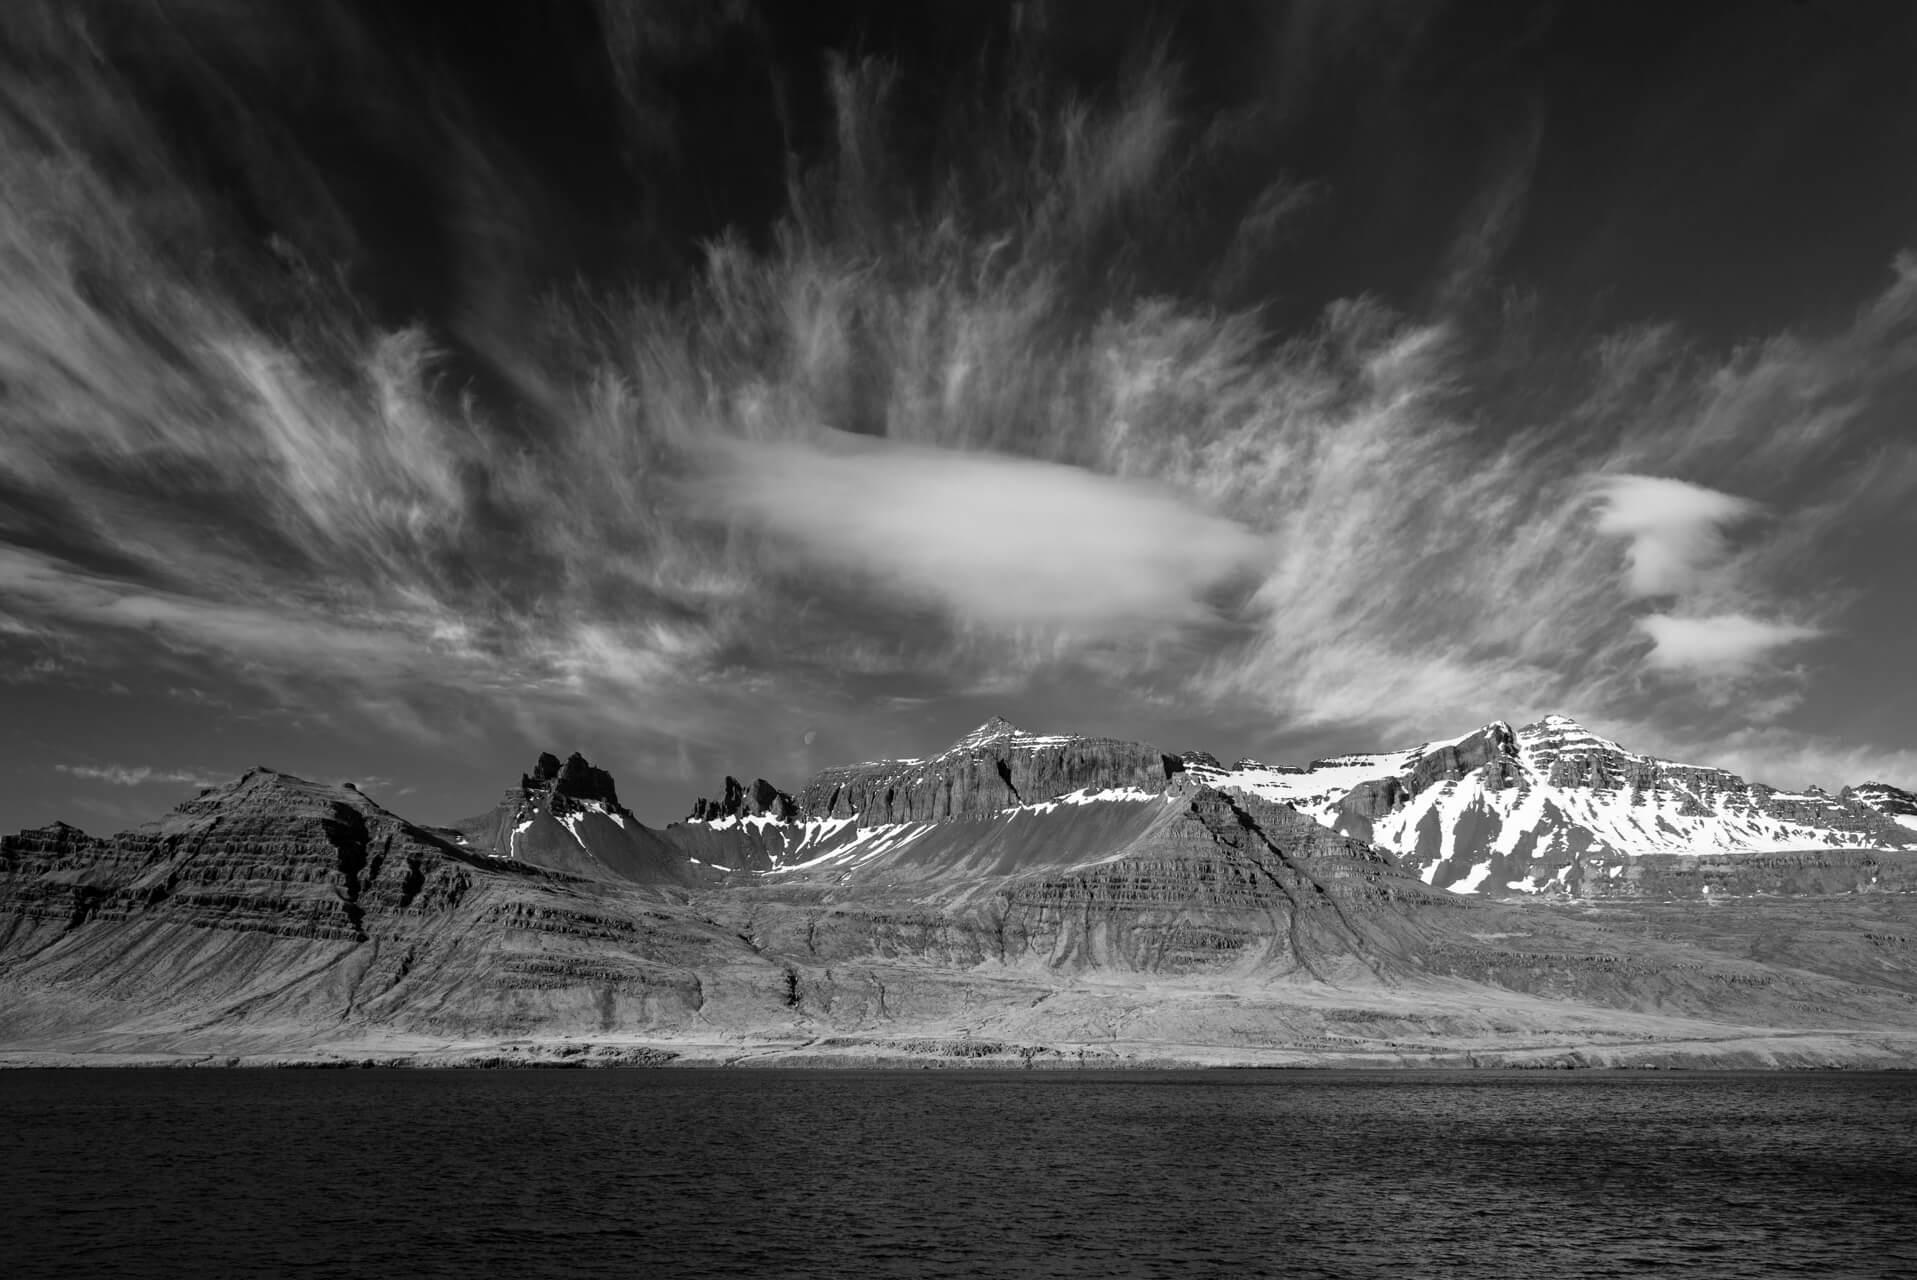 Island monochrom, Stöðvarfjörður; Fotograf Steffen Lohse